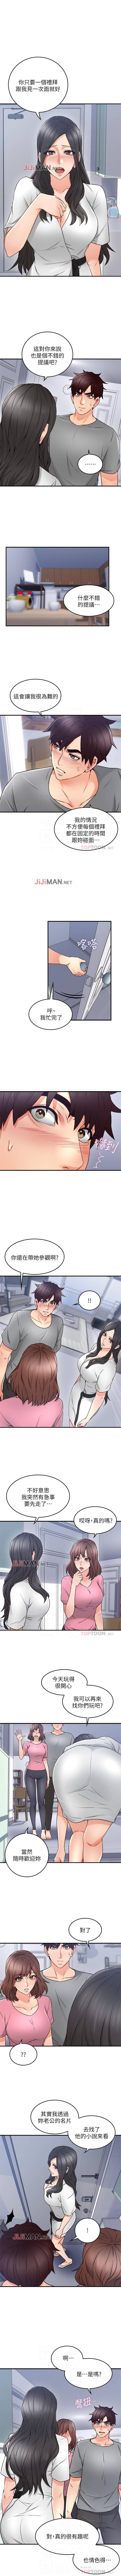 【周六更新】邻居人妻(作者:李周元 & 頸枕) 第1~50话 135